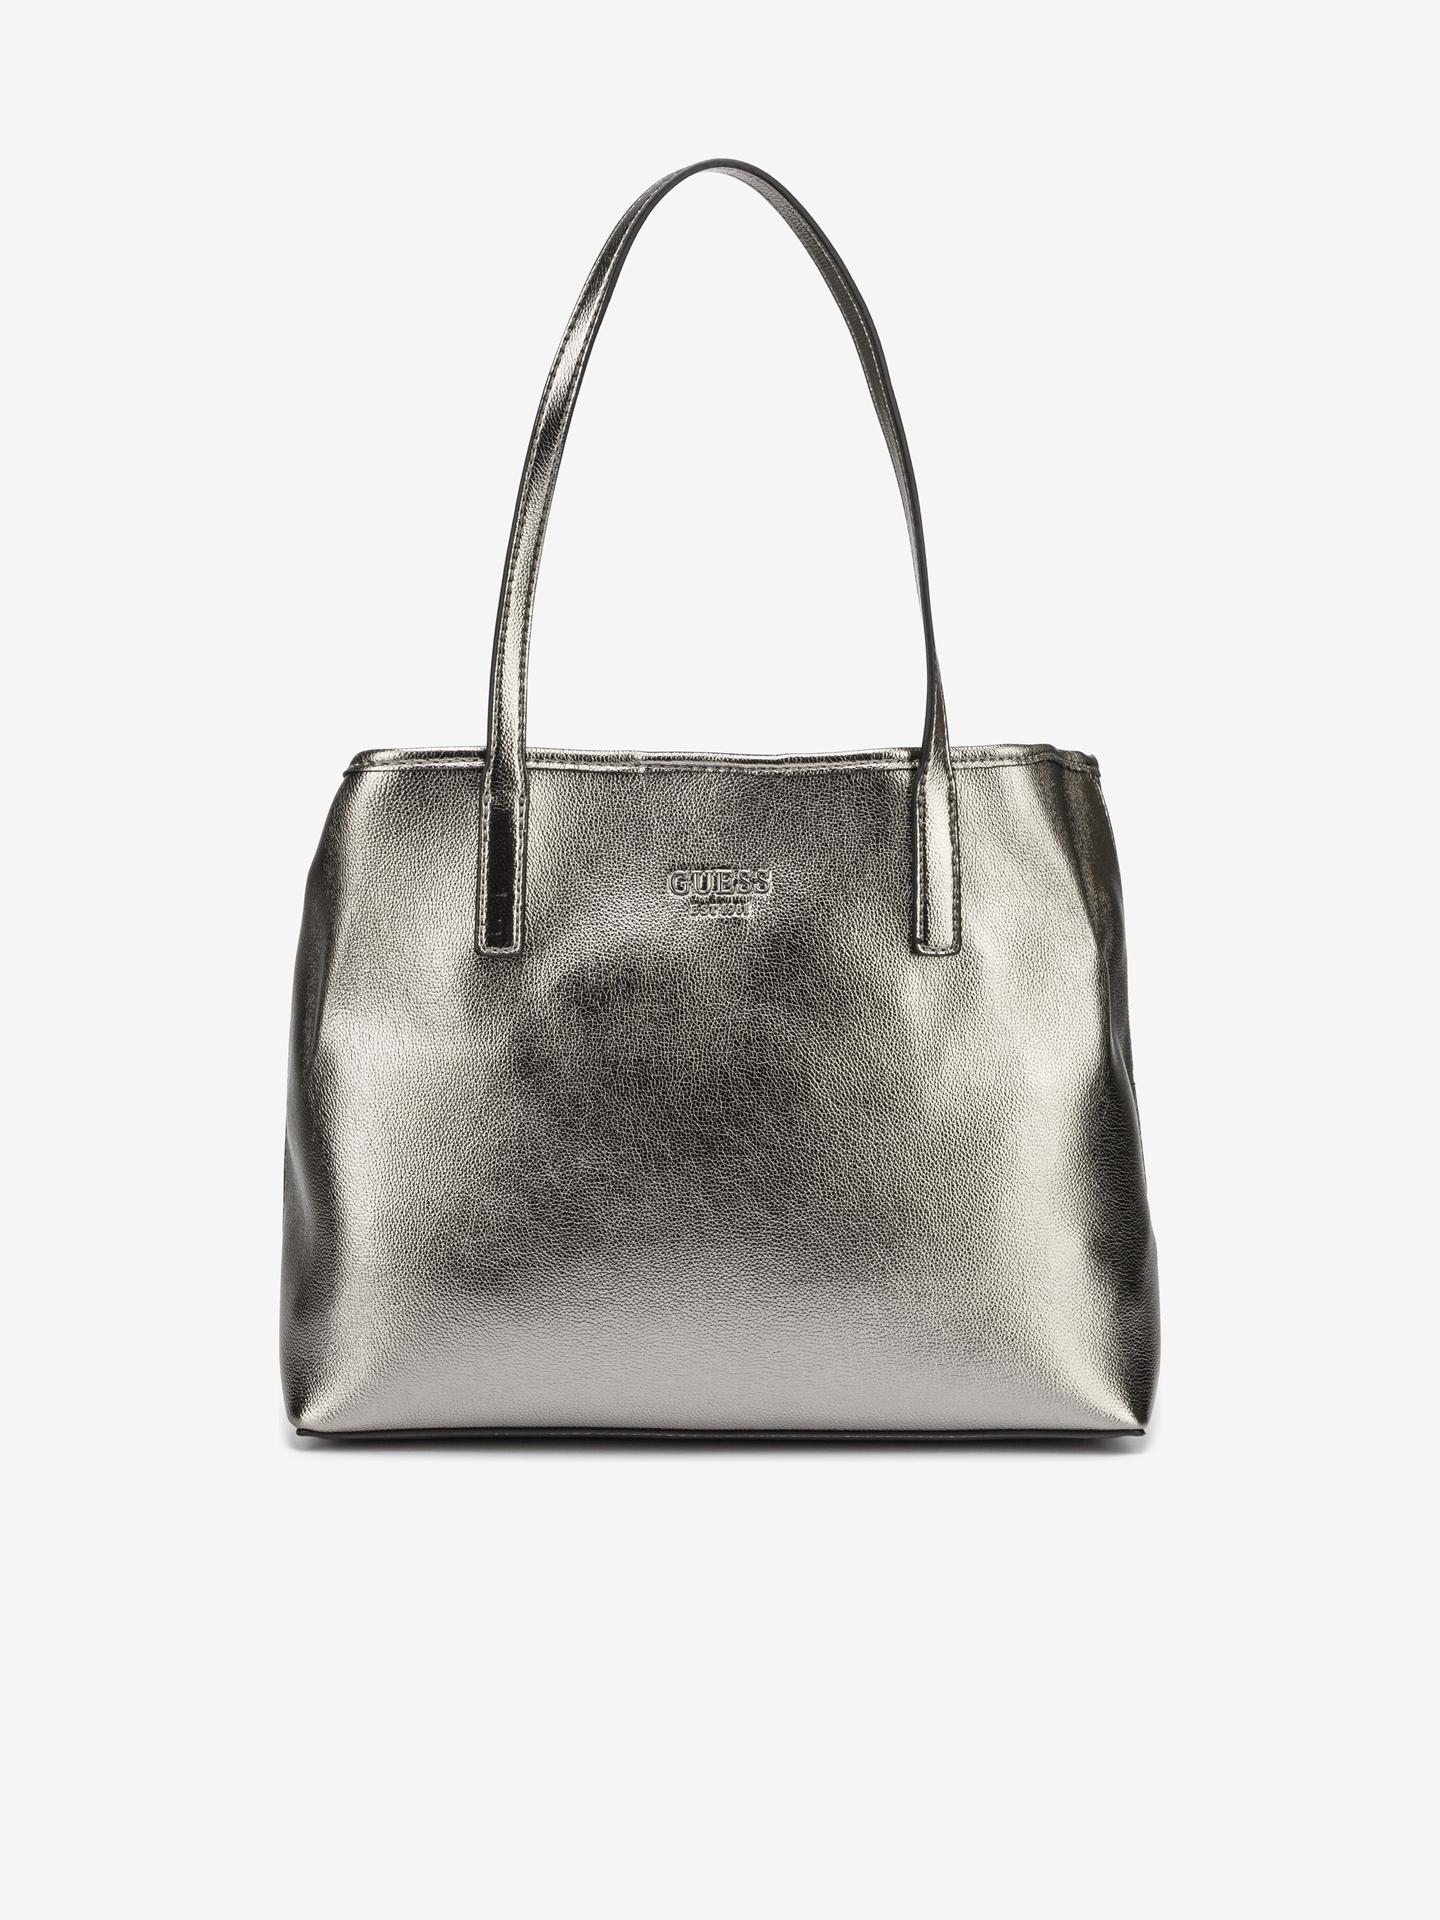 Guess silver handbag Vikky